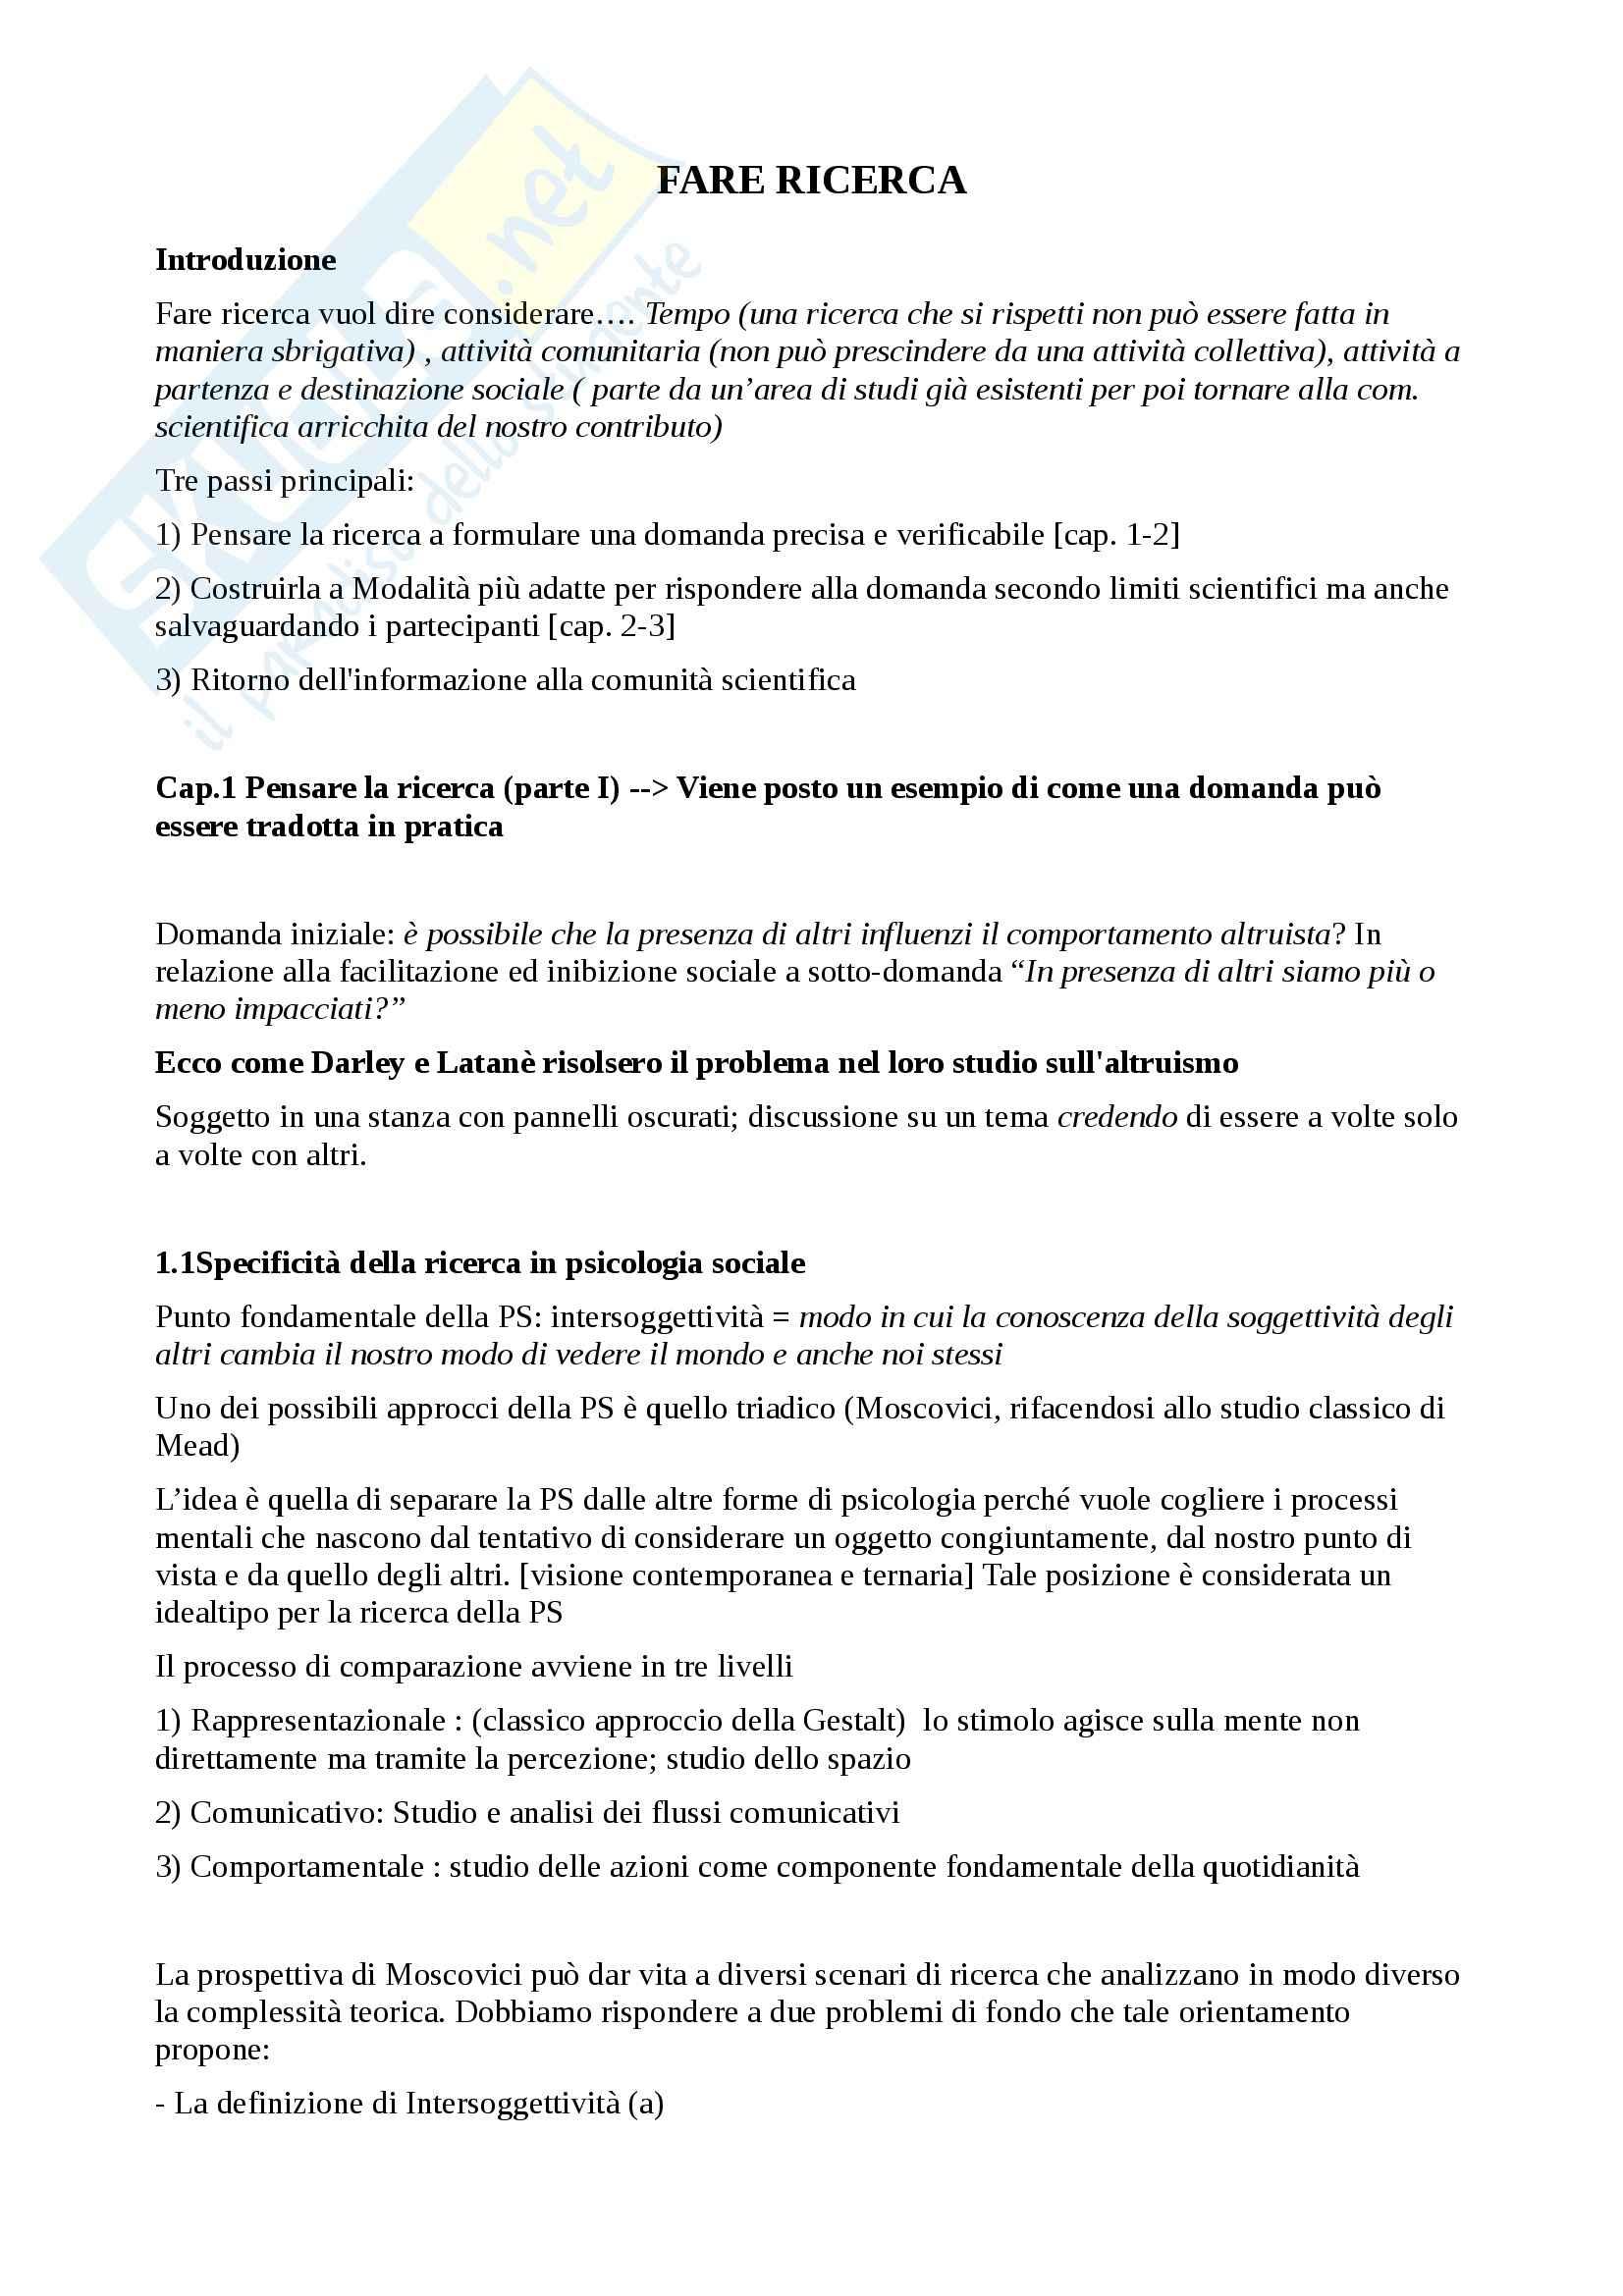 Psicologia sociale e della comunicazione - fare ricerca in psicologia sociale